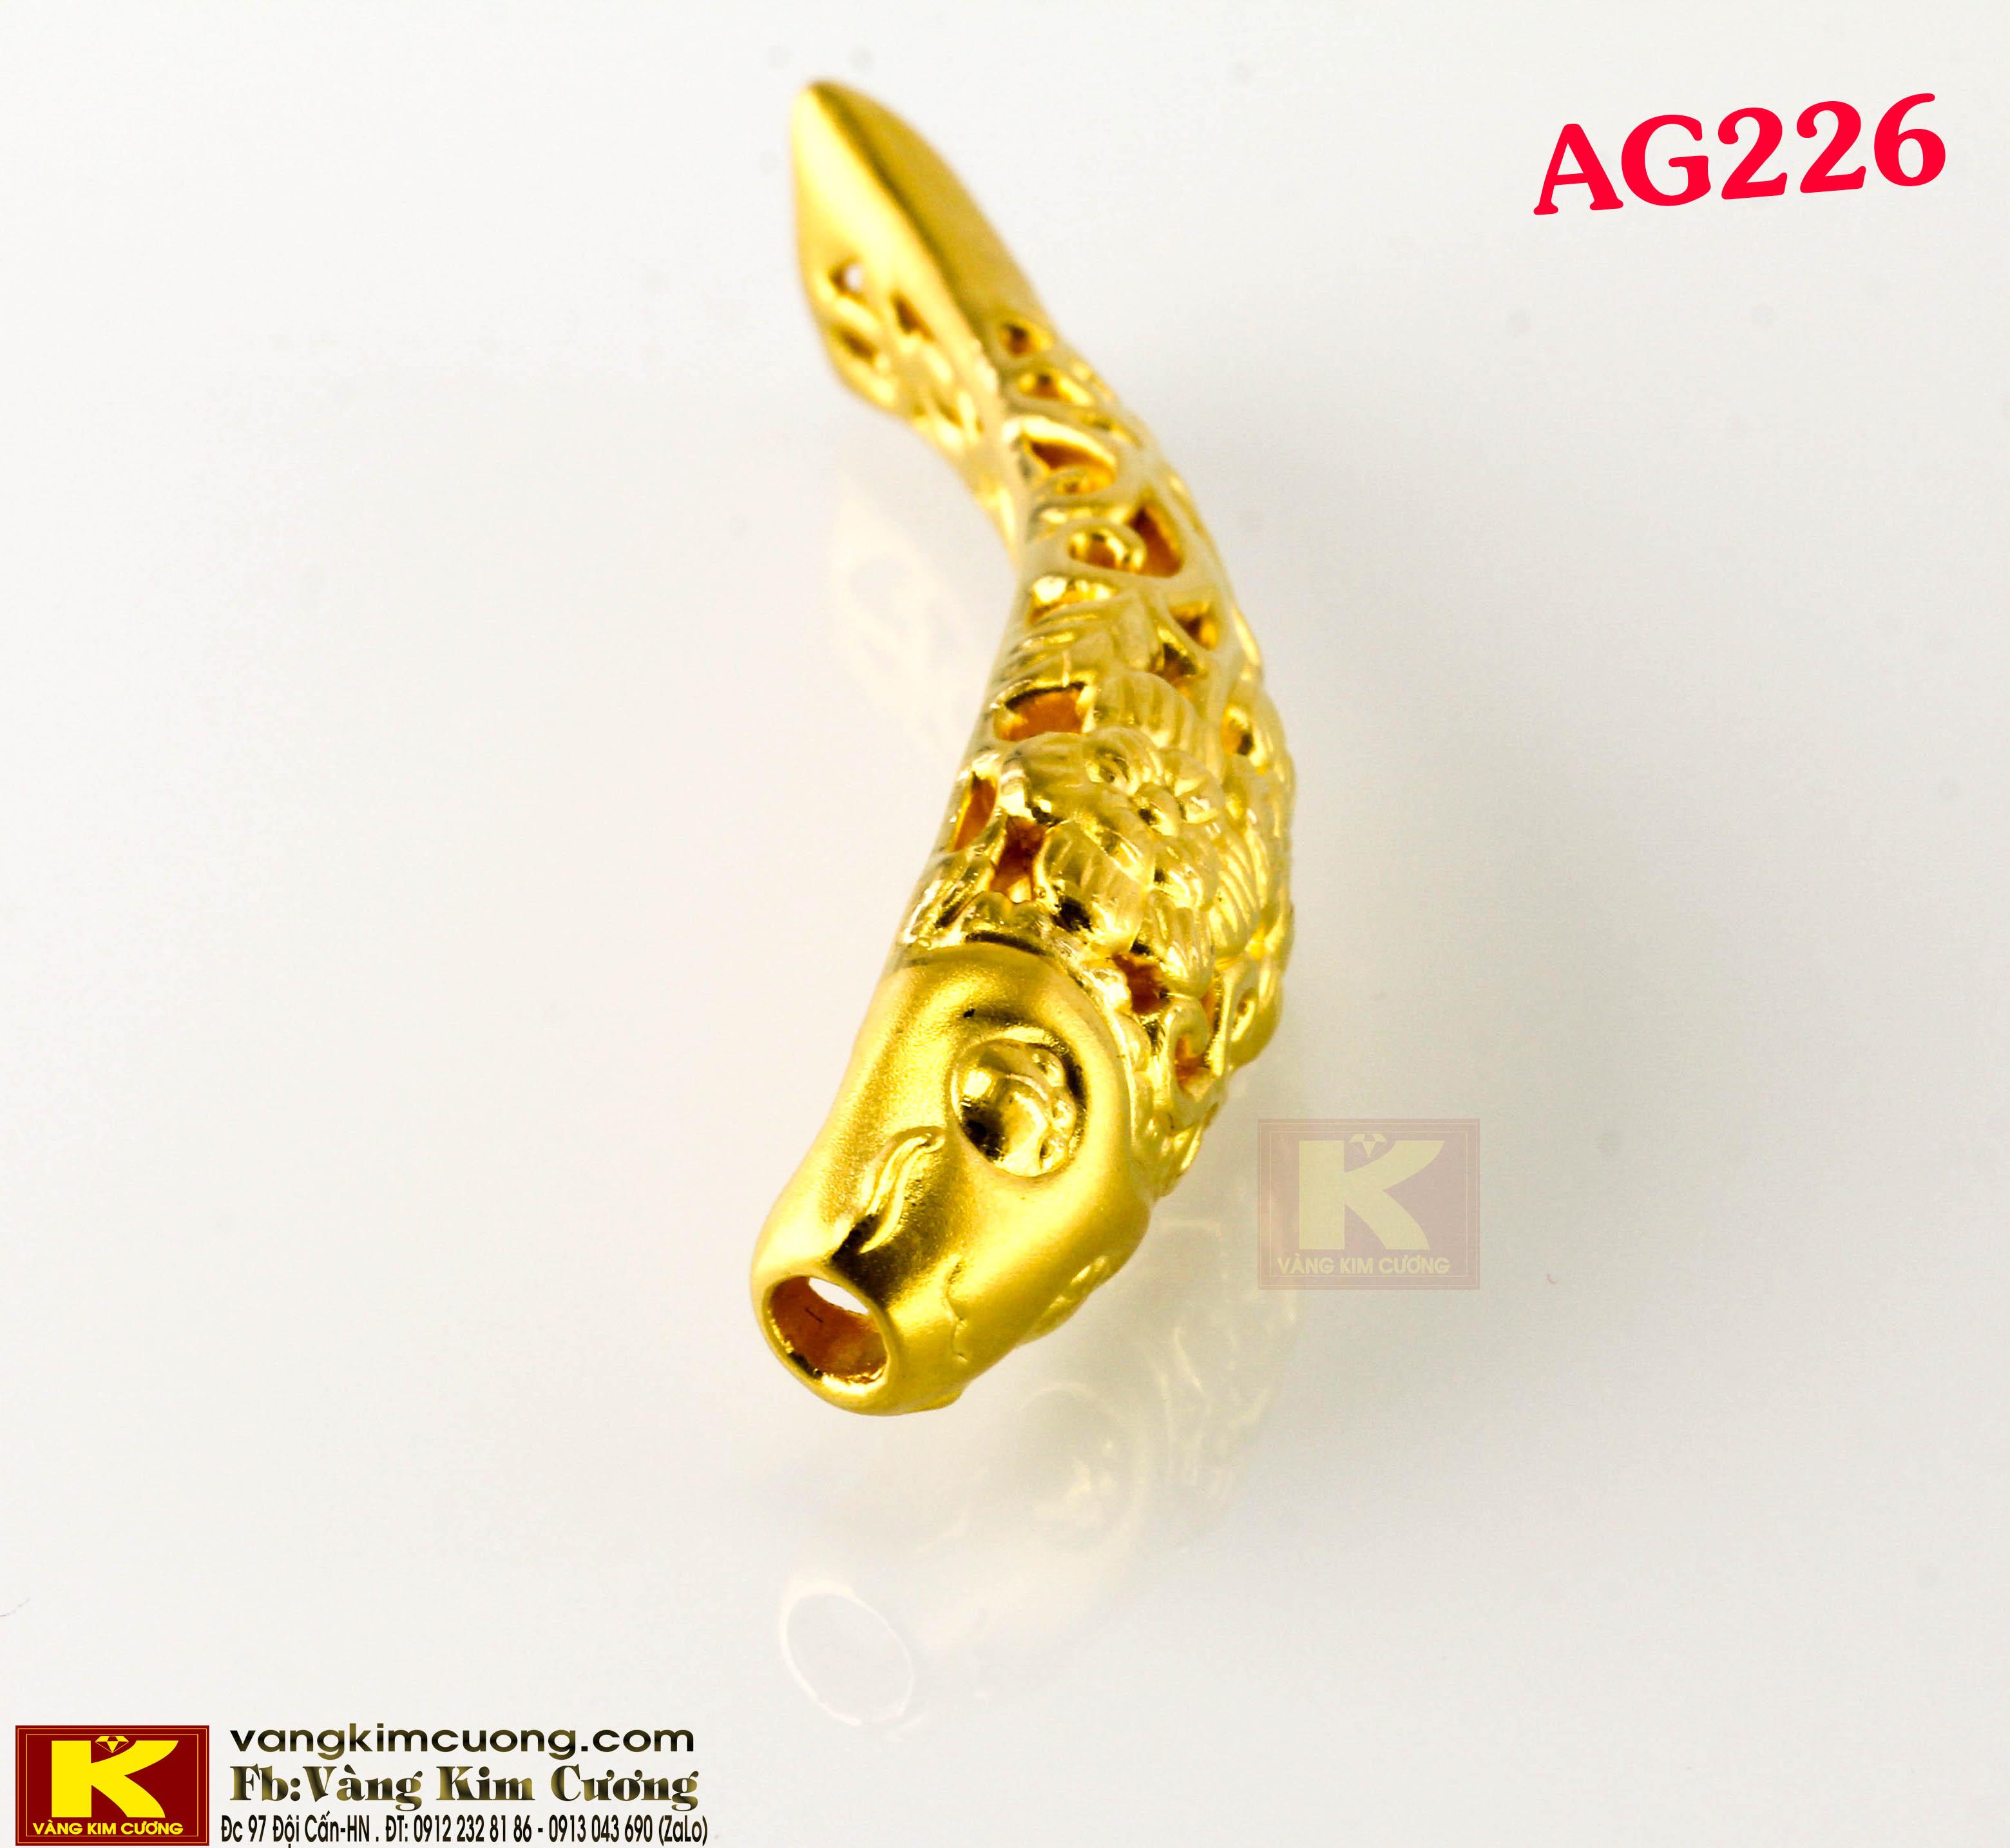 Charm cá chép vàng 24k mã AG226